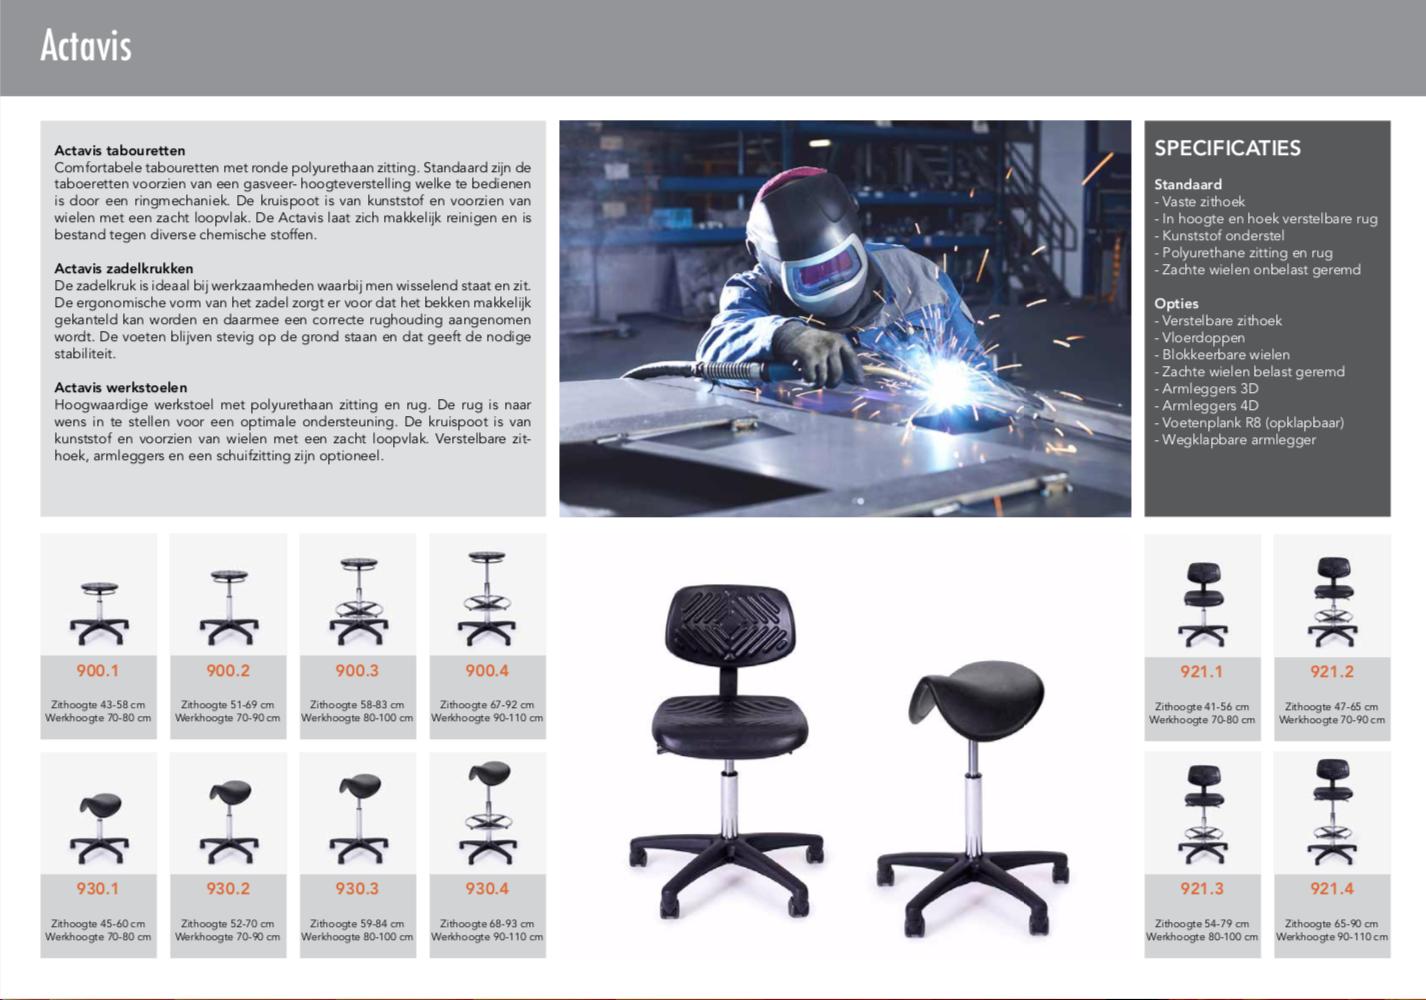 Medimpex Werkstoelen - 2